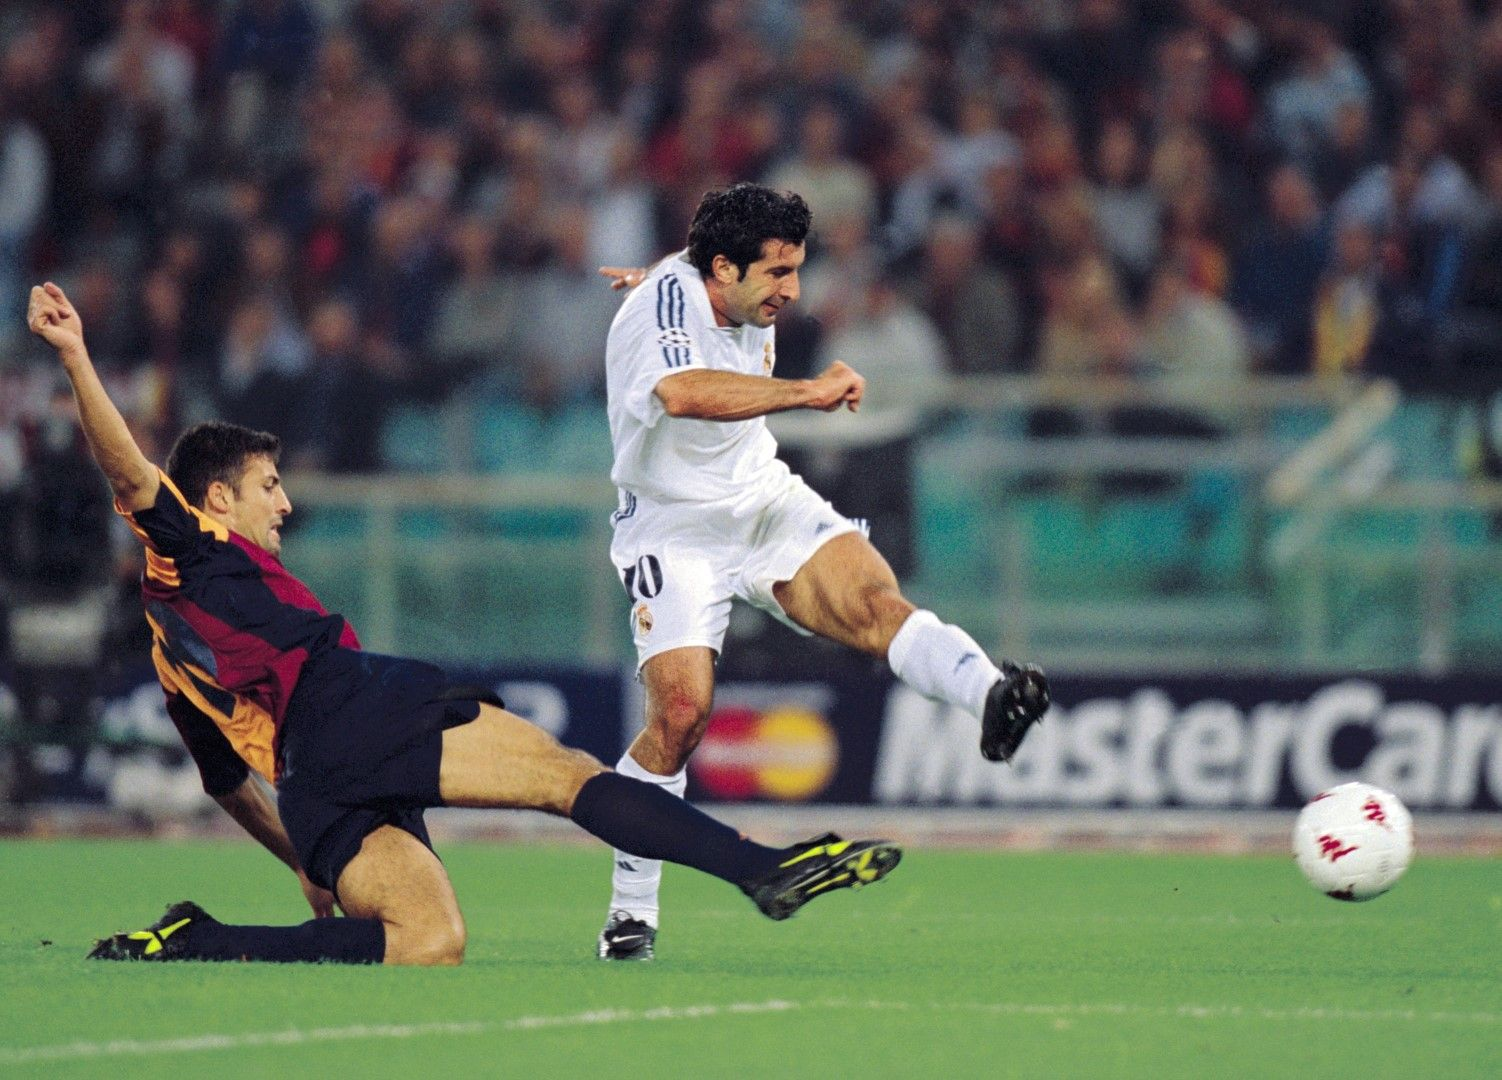 Луиш Фиго вкарва гол във вратата на Рома на 11 септември 2001 г., часове след атентатите.